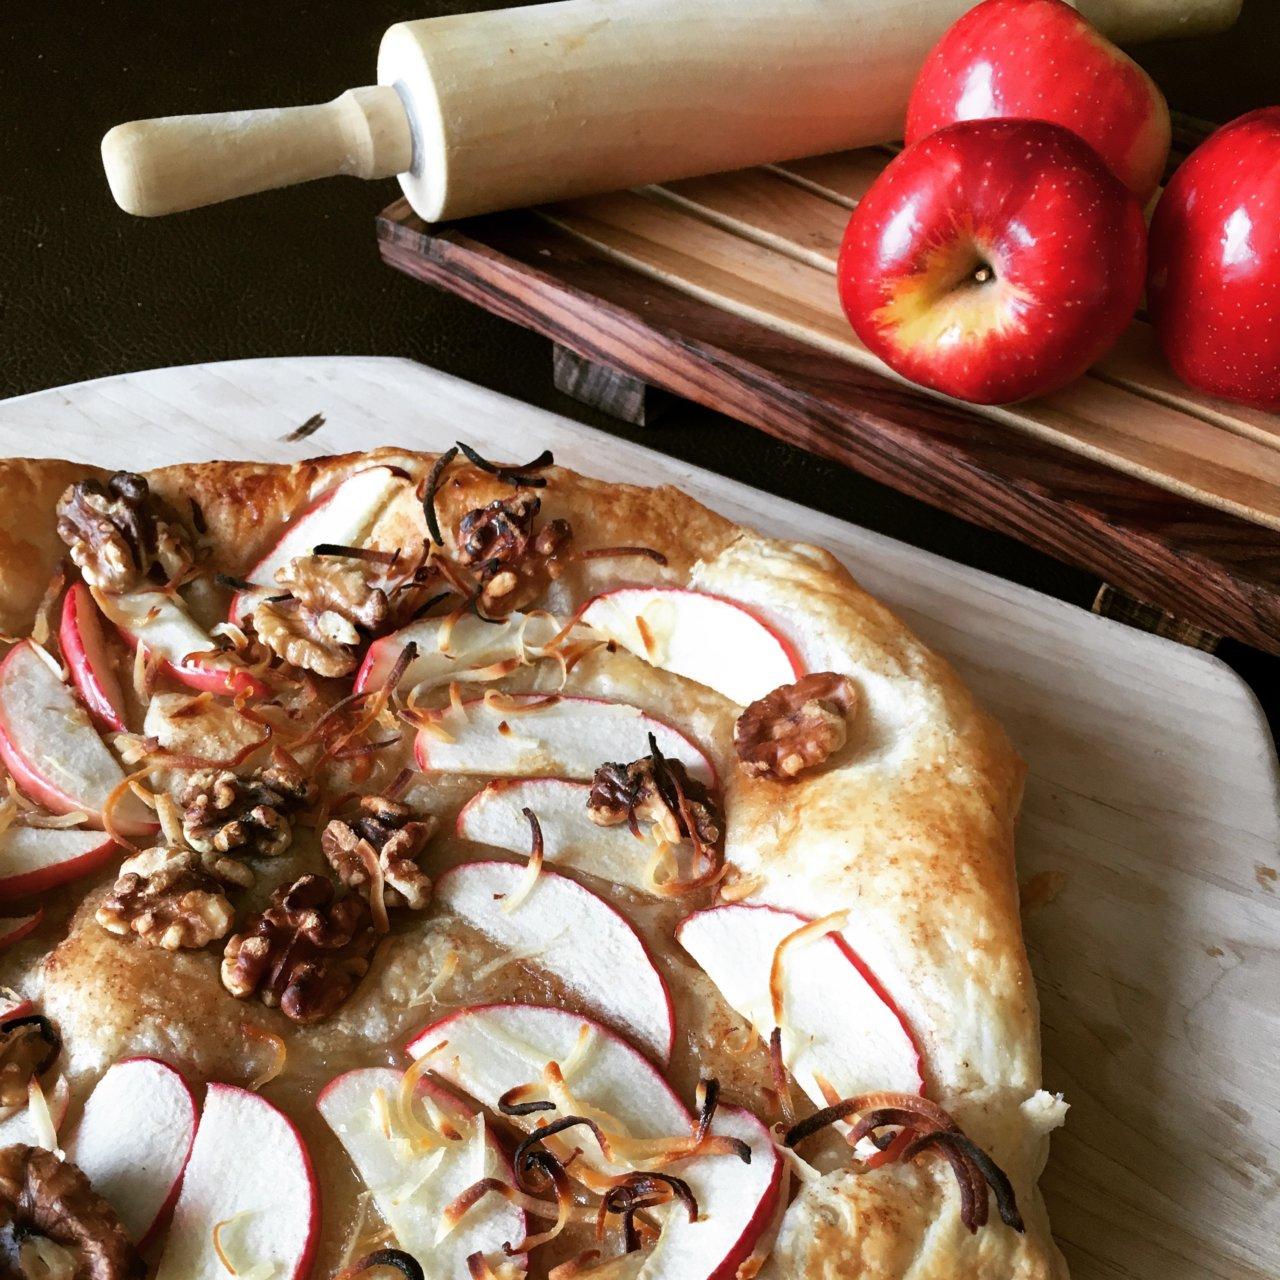 Apple-Walnut-Dessert-Pizza-1280x1280.jpg